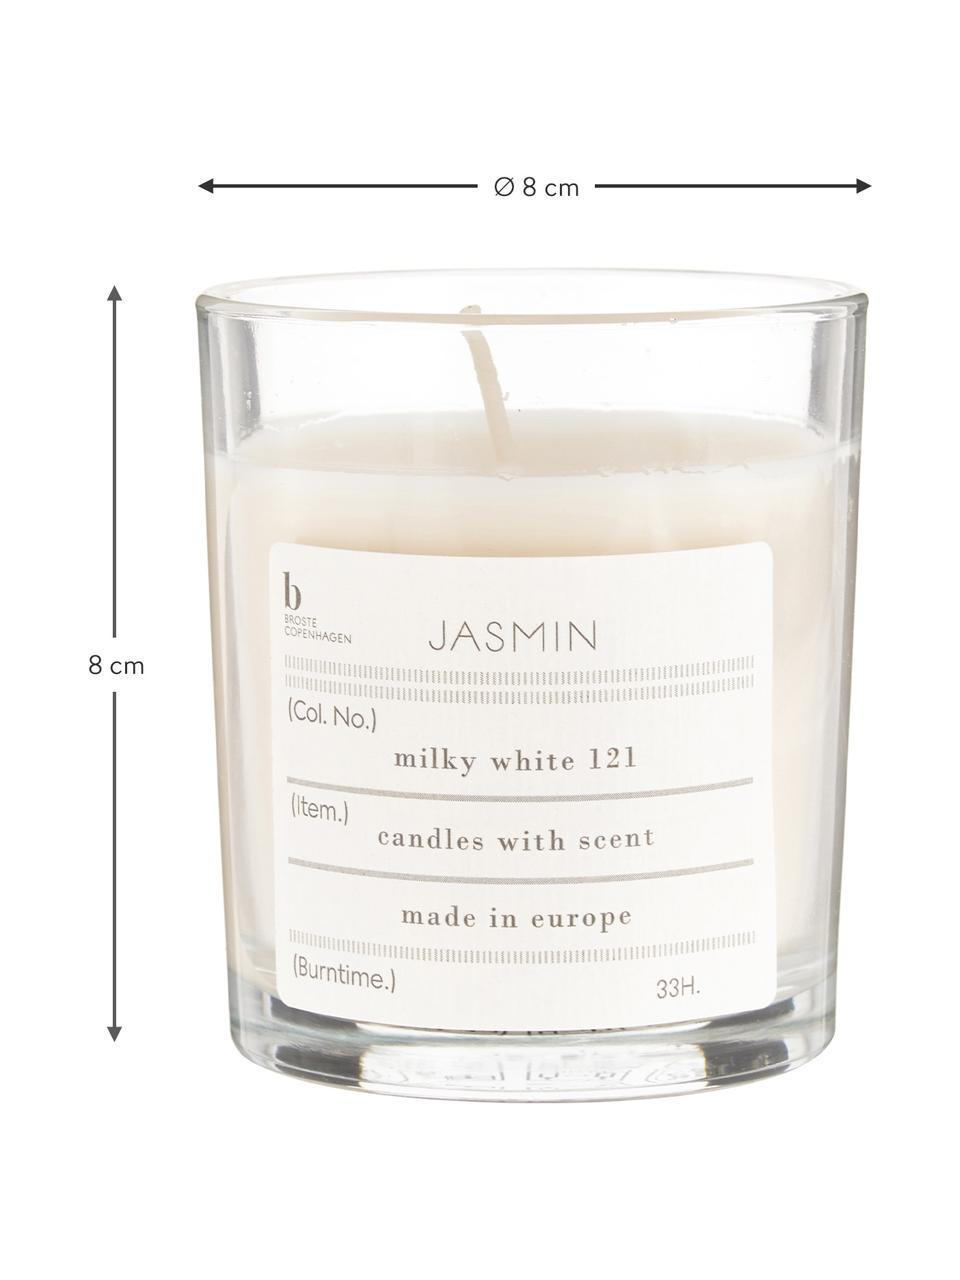 Duftkerze Isabella (Jasmin), Natürliches Sojawachs, Glas, Transparent, H 8 cm